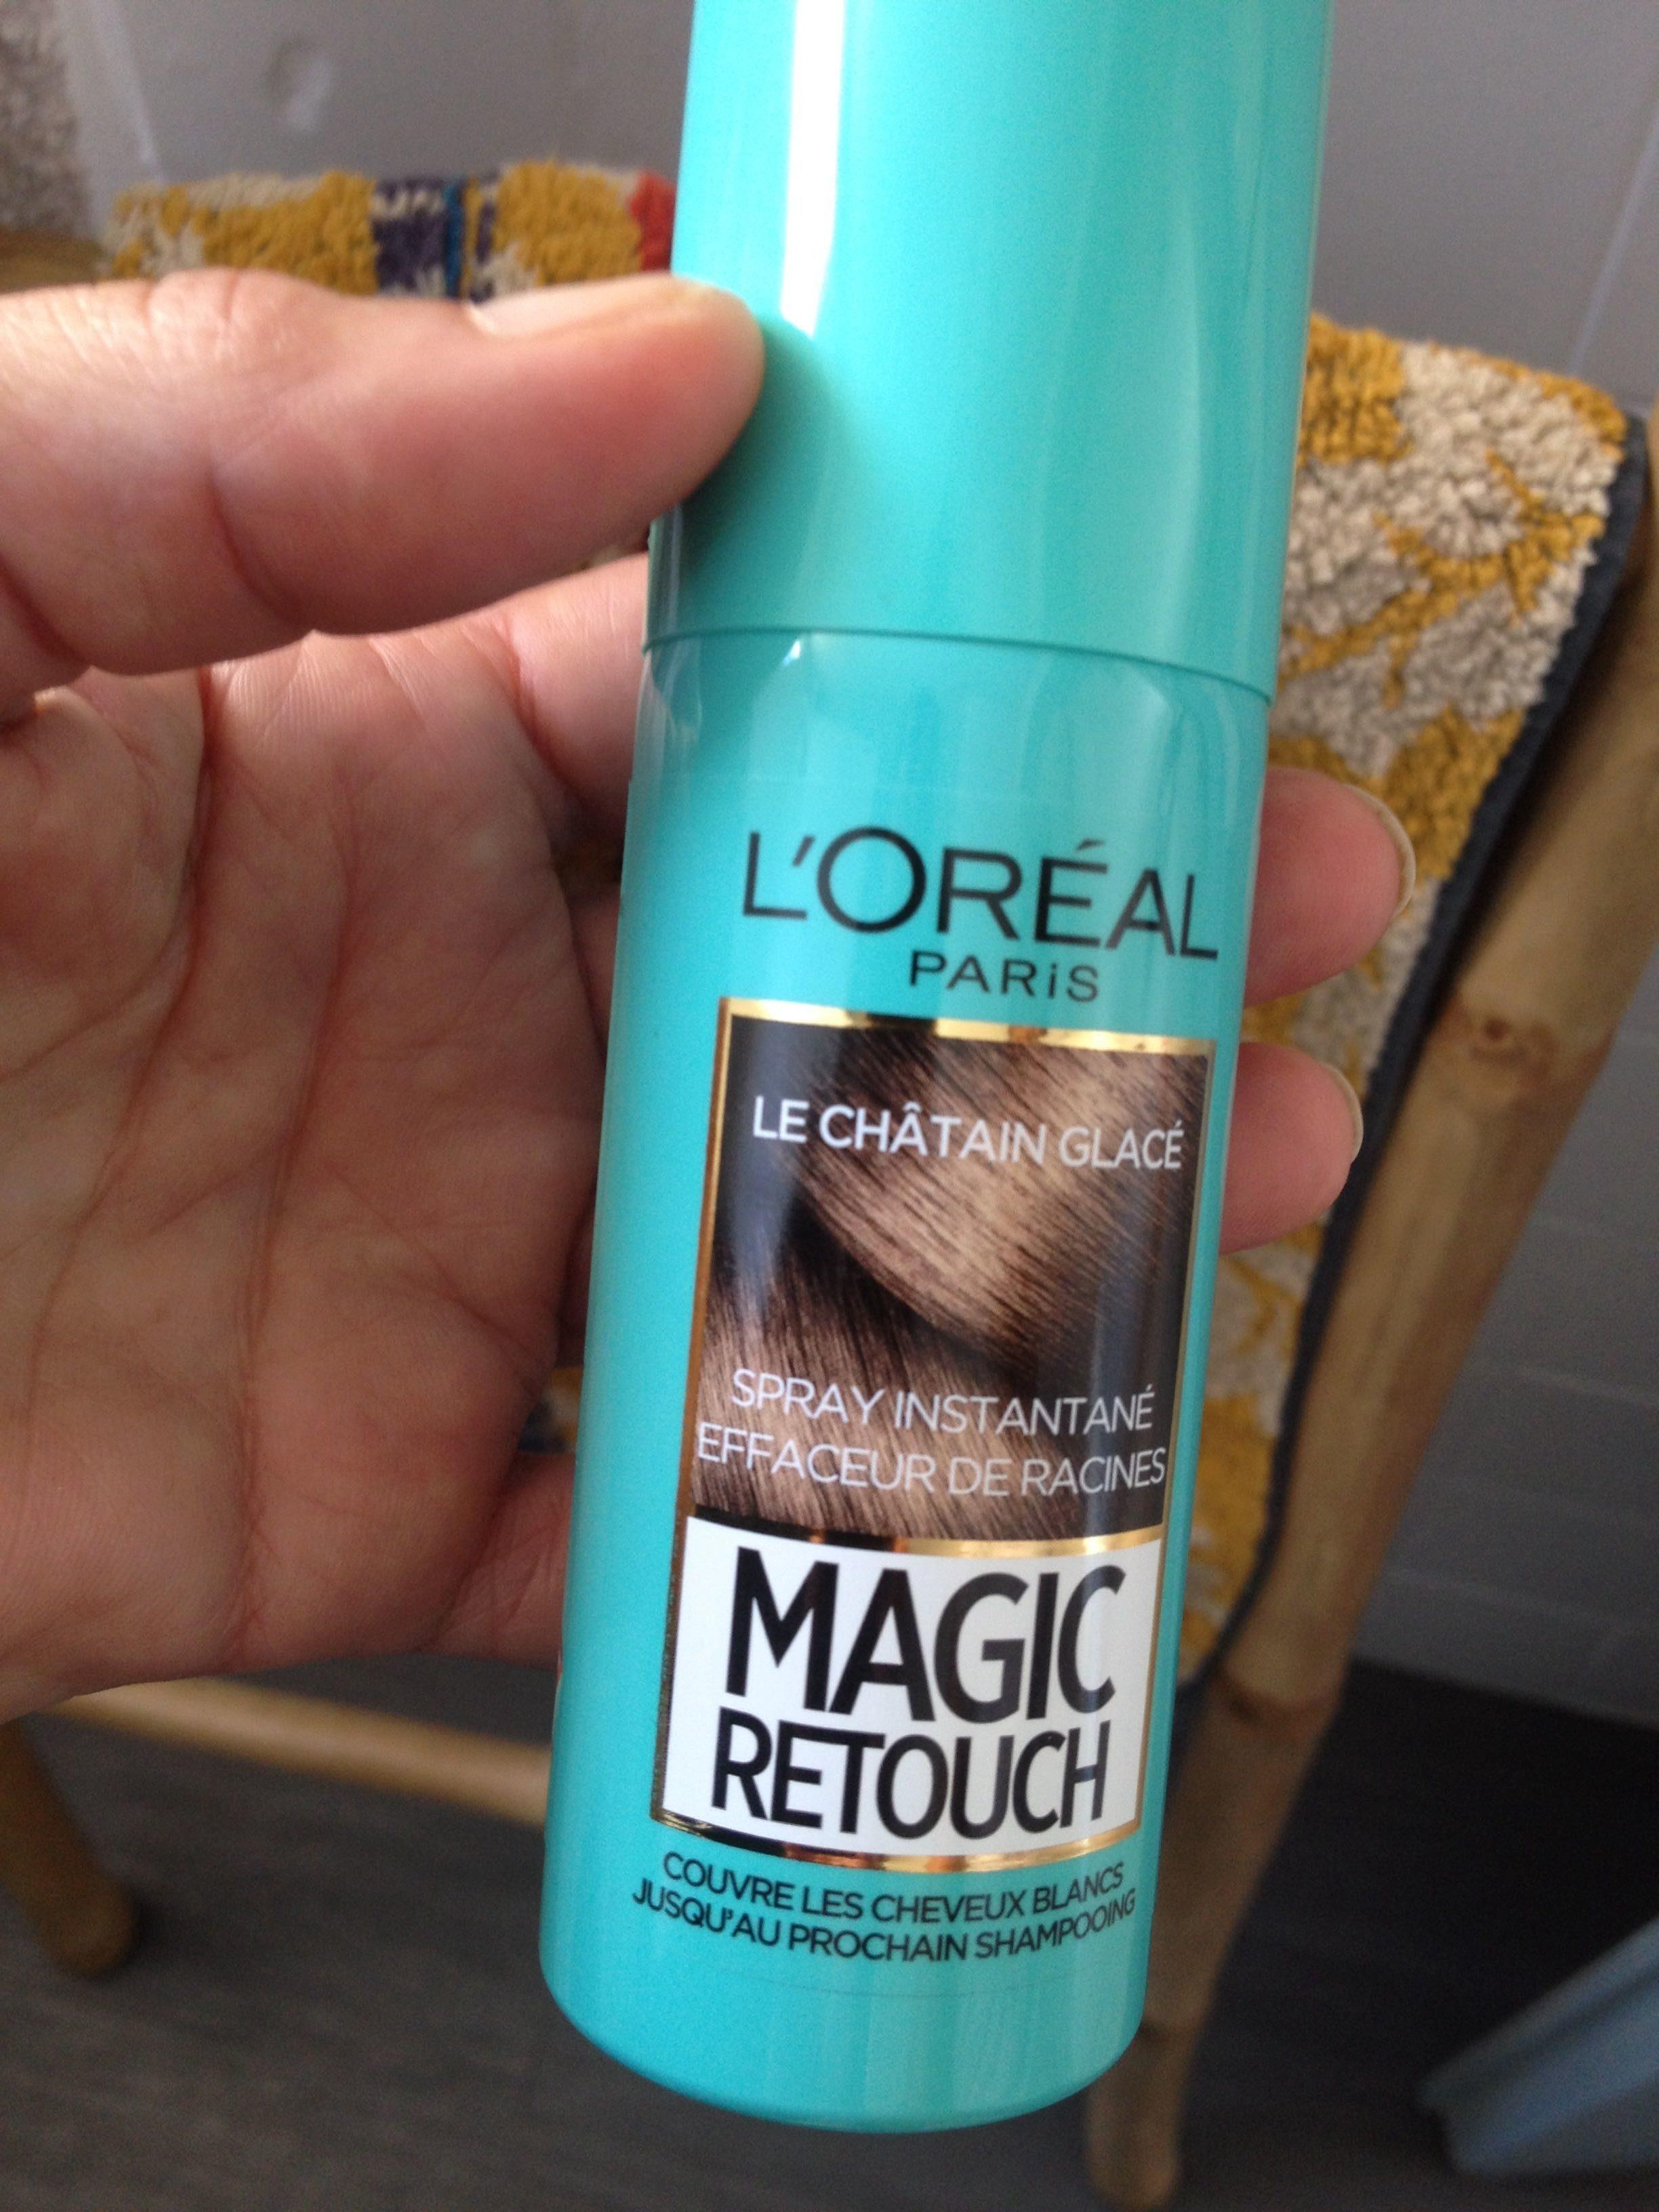 Magic retouch - Produit